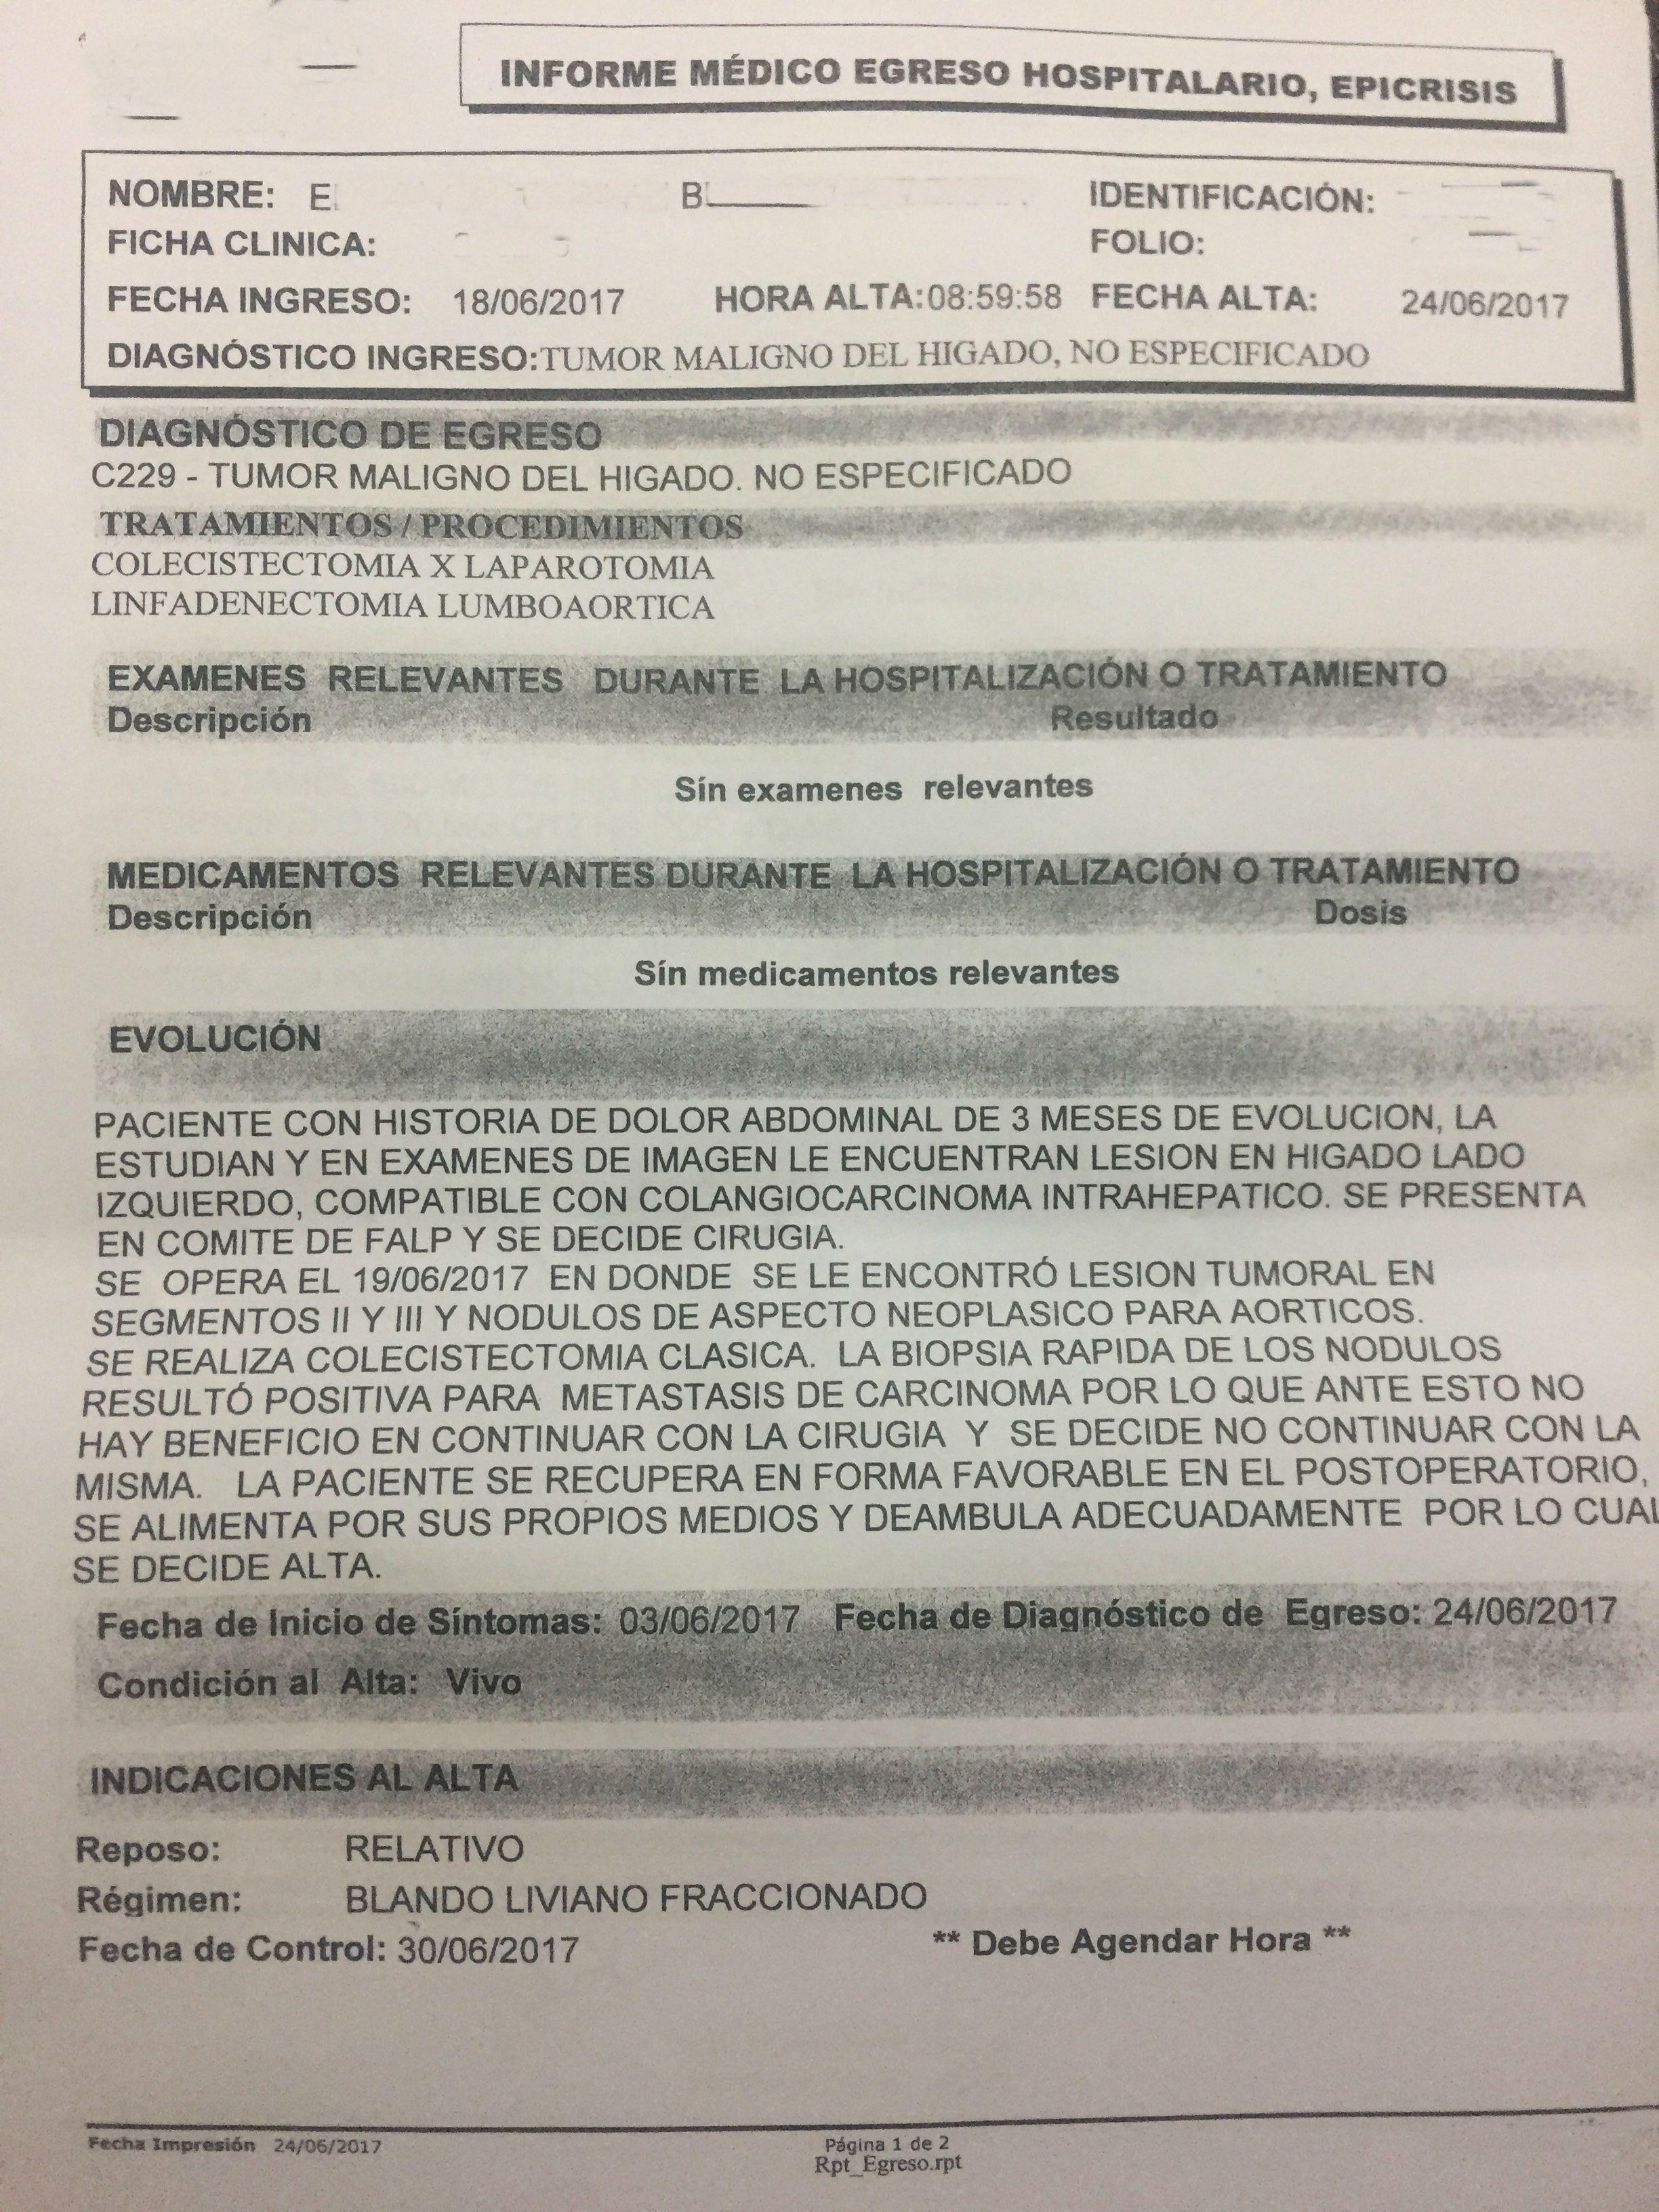 LifEscozul® - E.B. 1 - Cáncer de Hígado